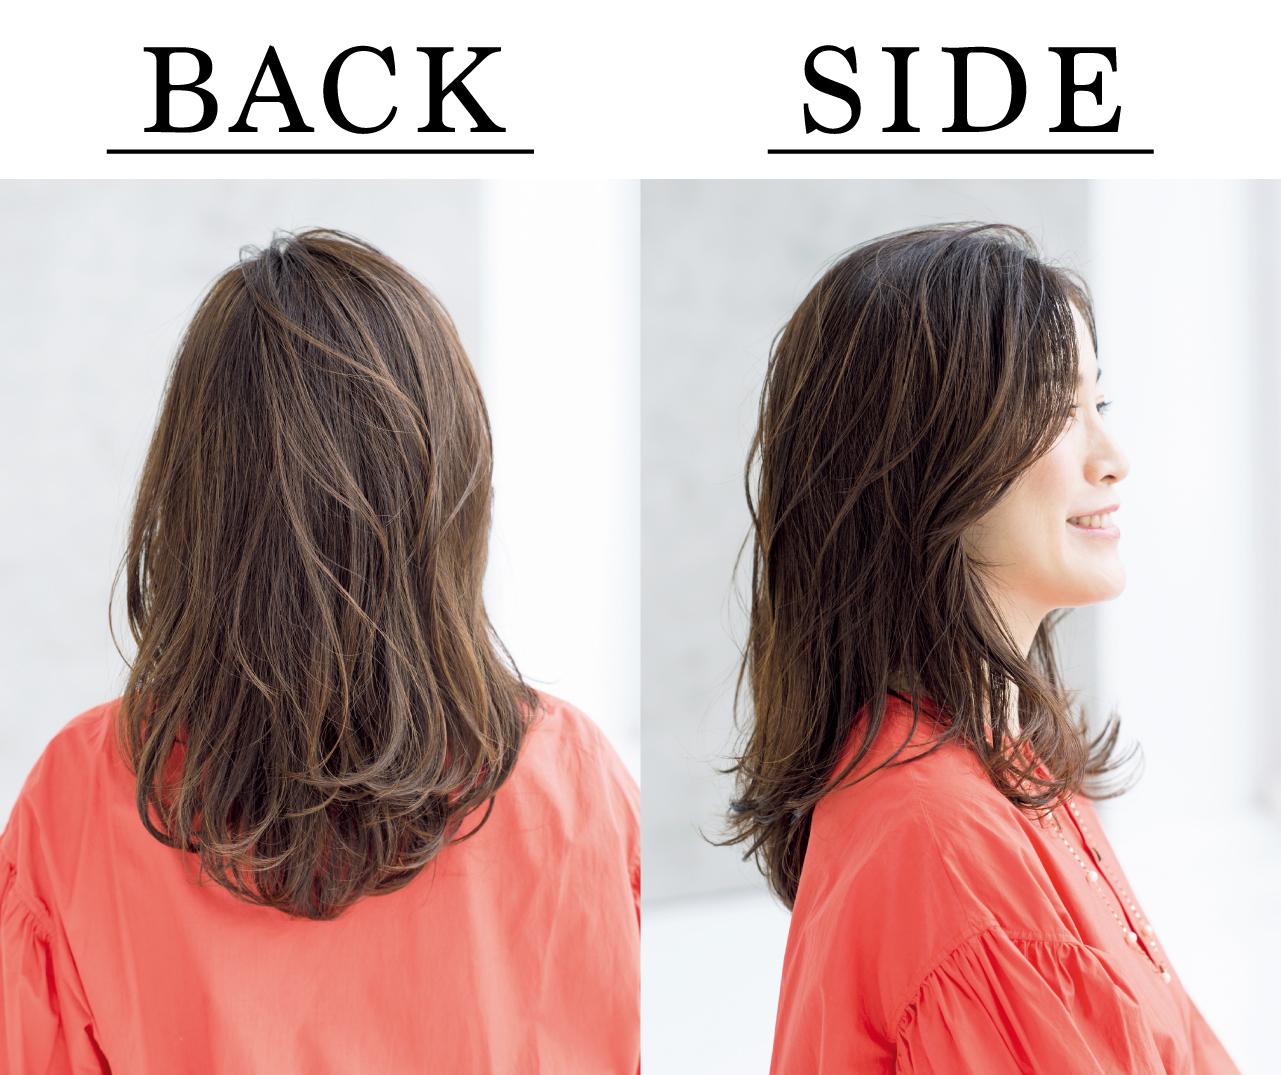 鳥居香絵さん Side Back